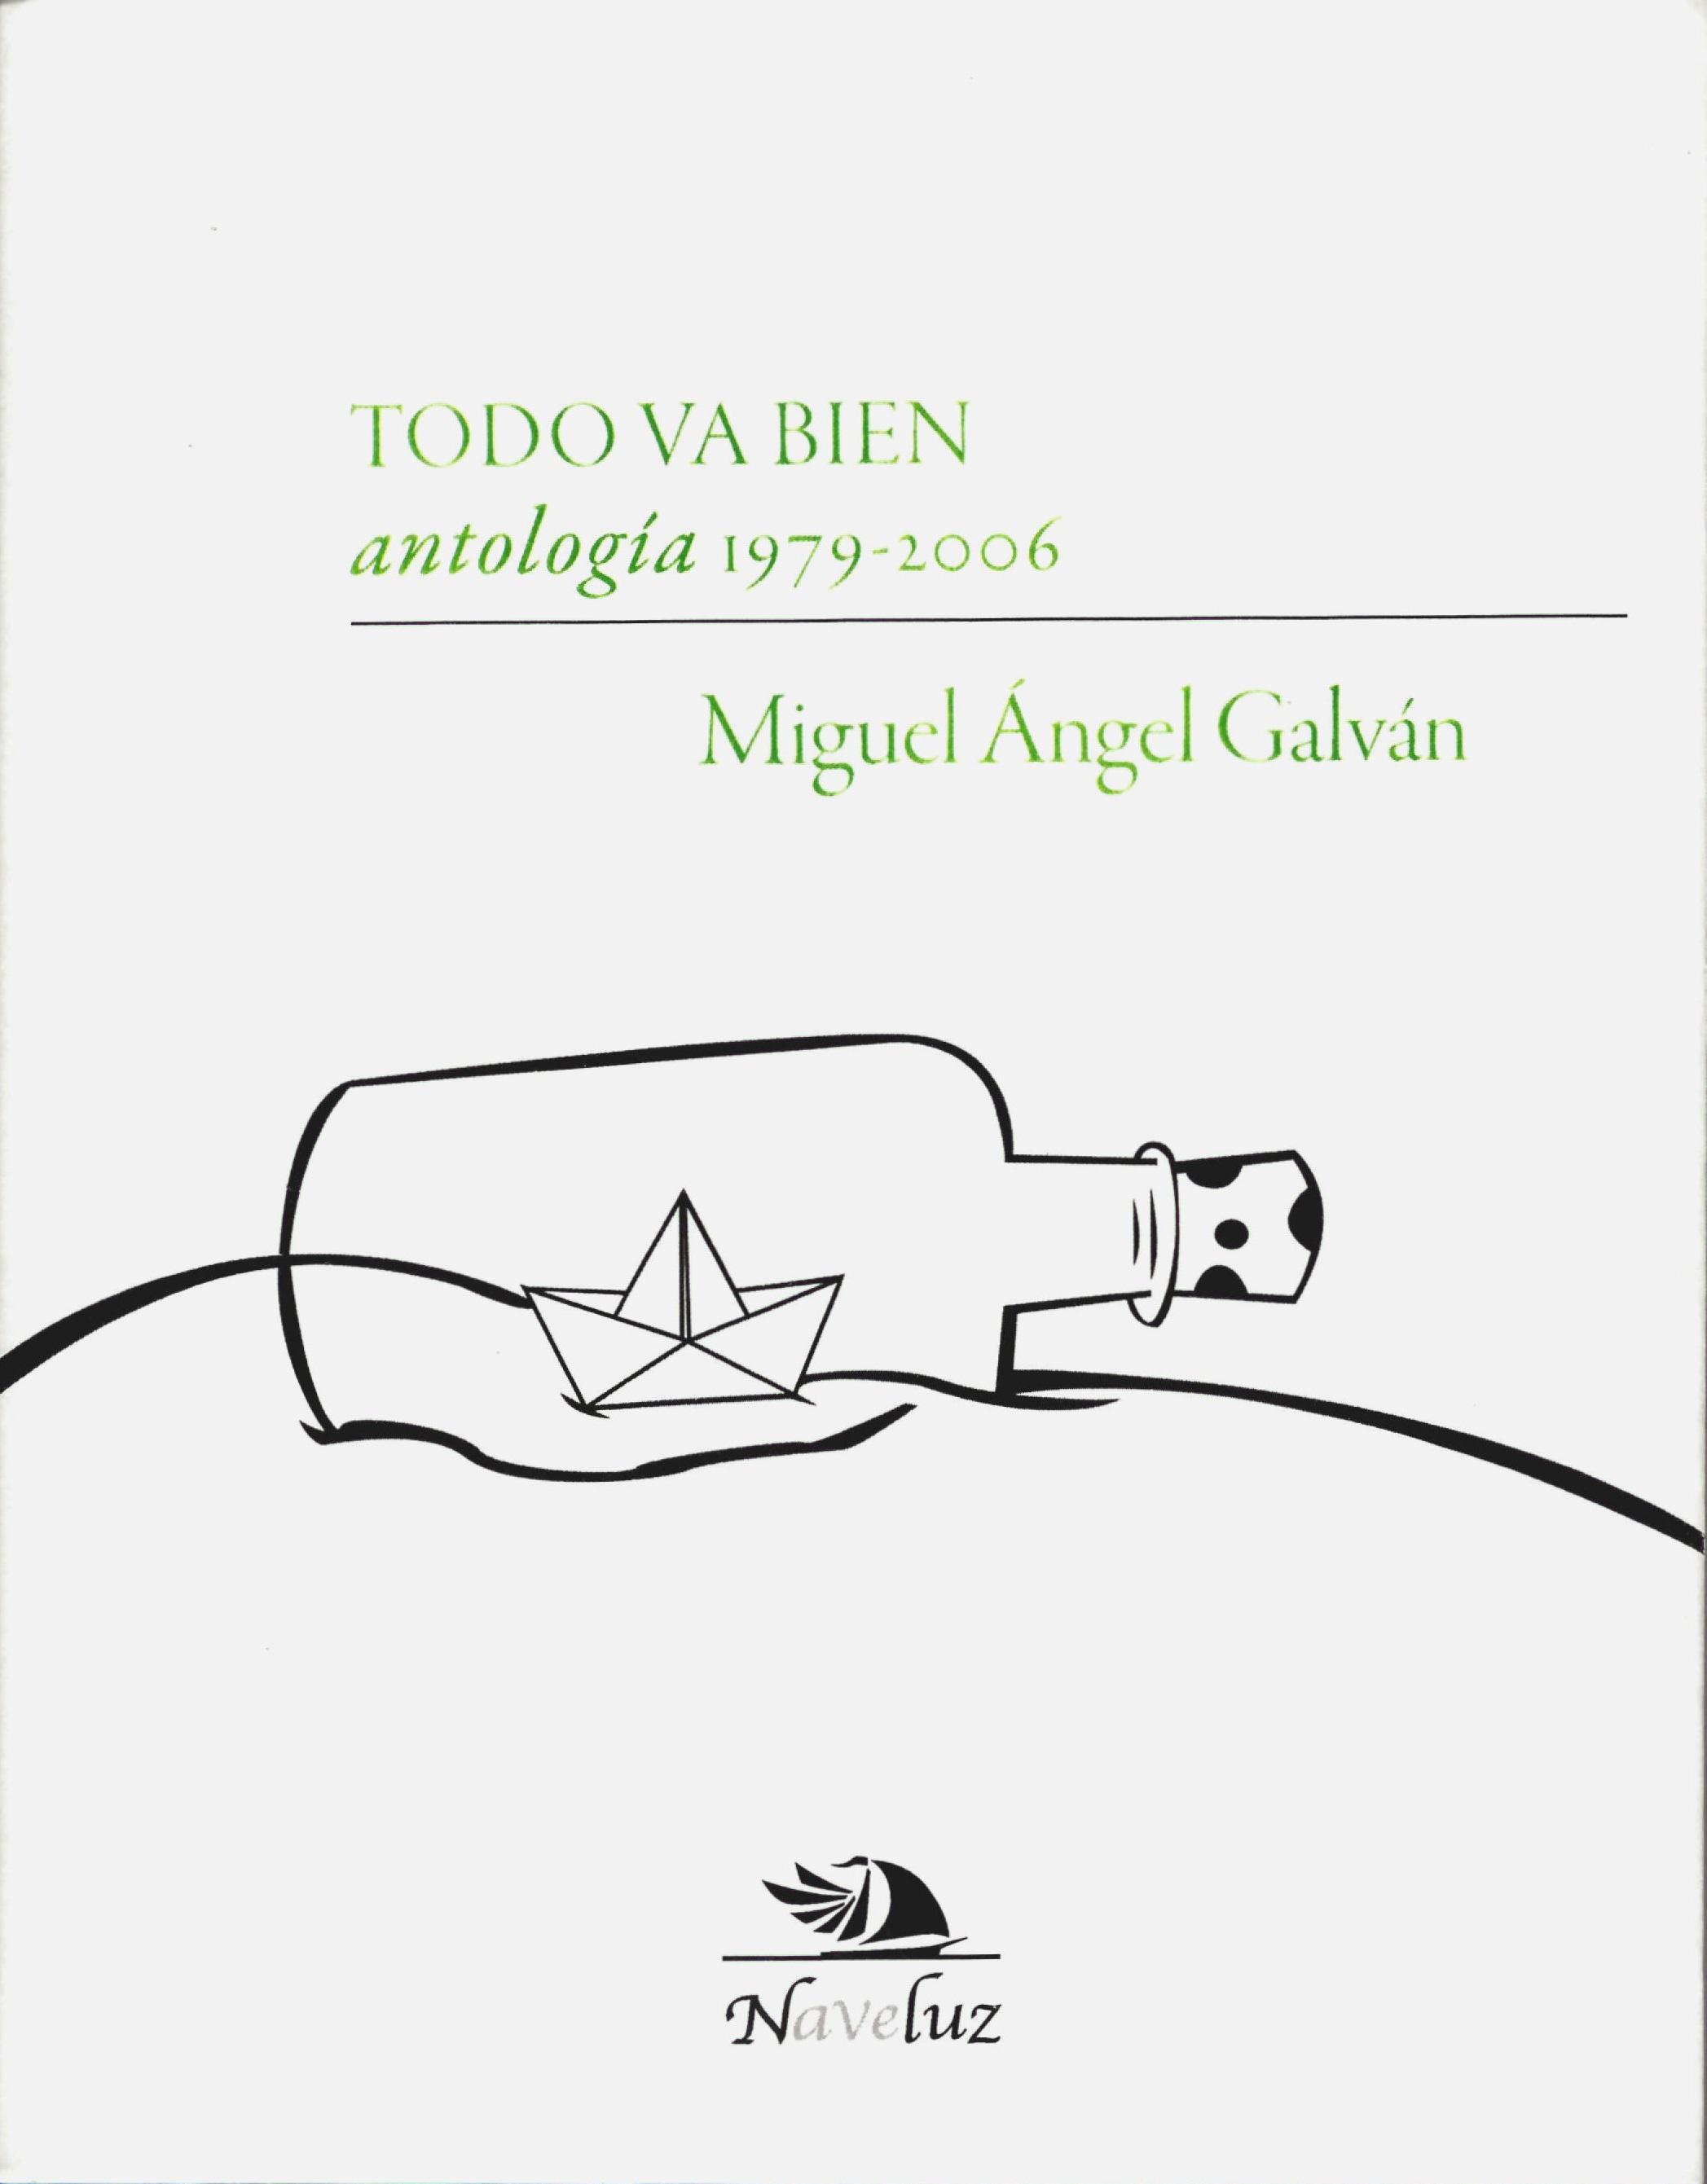 Todo va bien antología 1979-2006